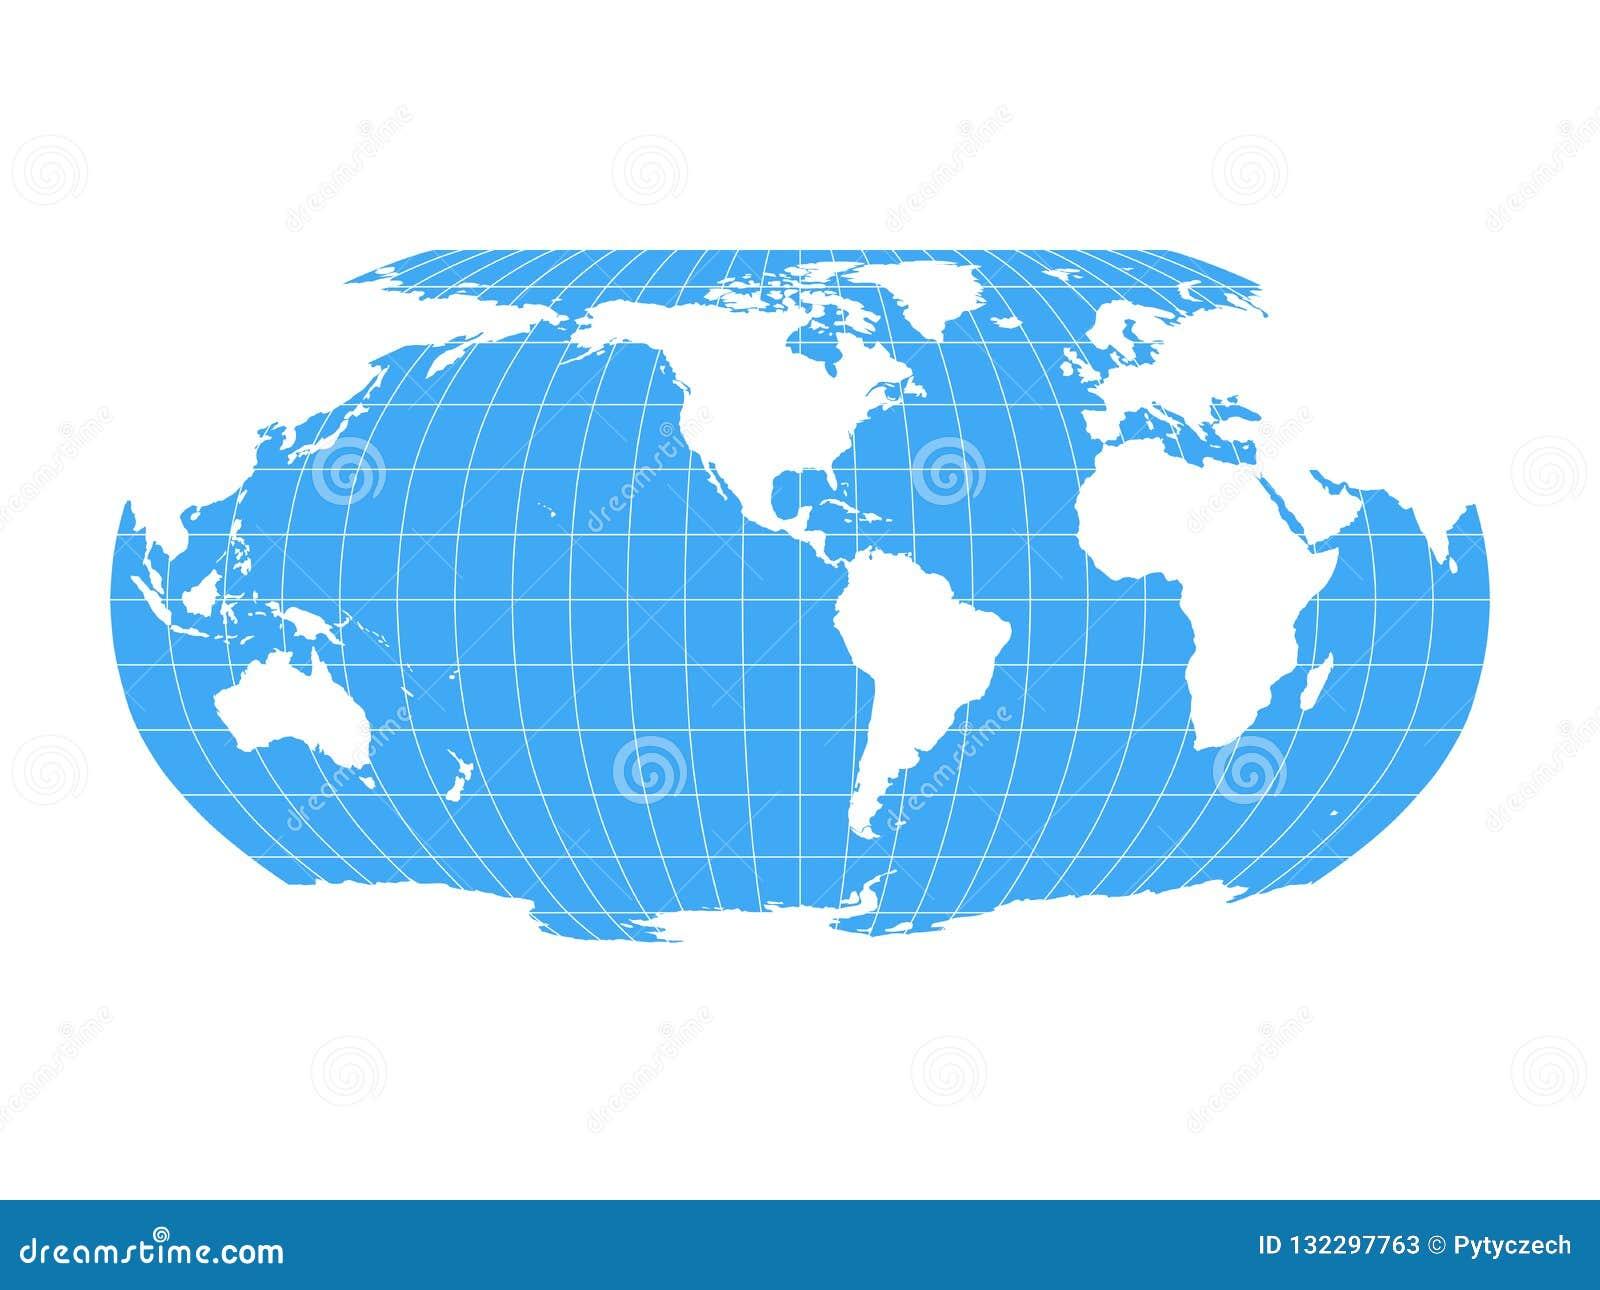 Cartina Del Mondo Con Meridiani E Paralleli.Mappa Di Mondo In Robinson Projection Con La Griglia Di